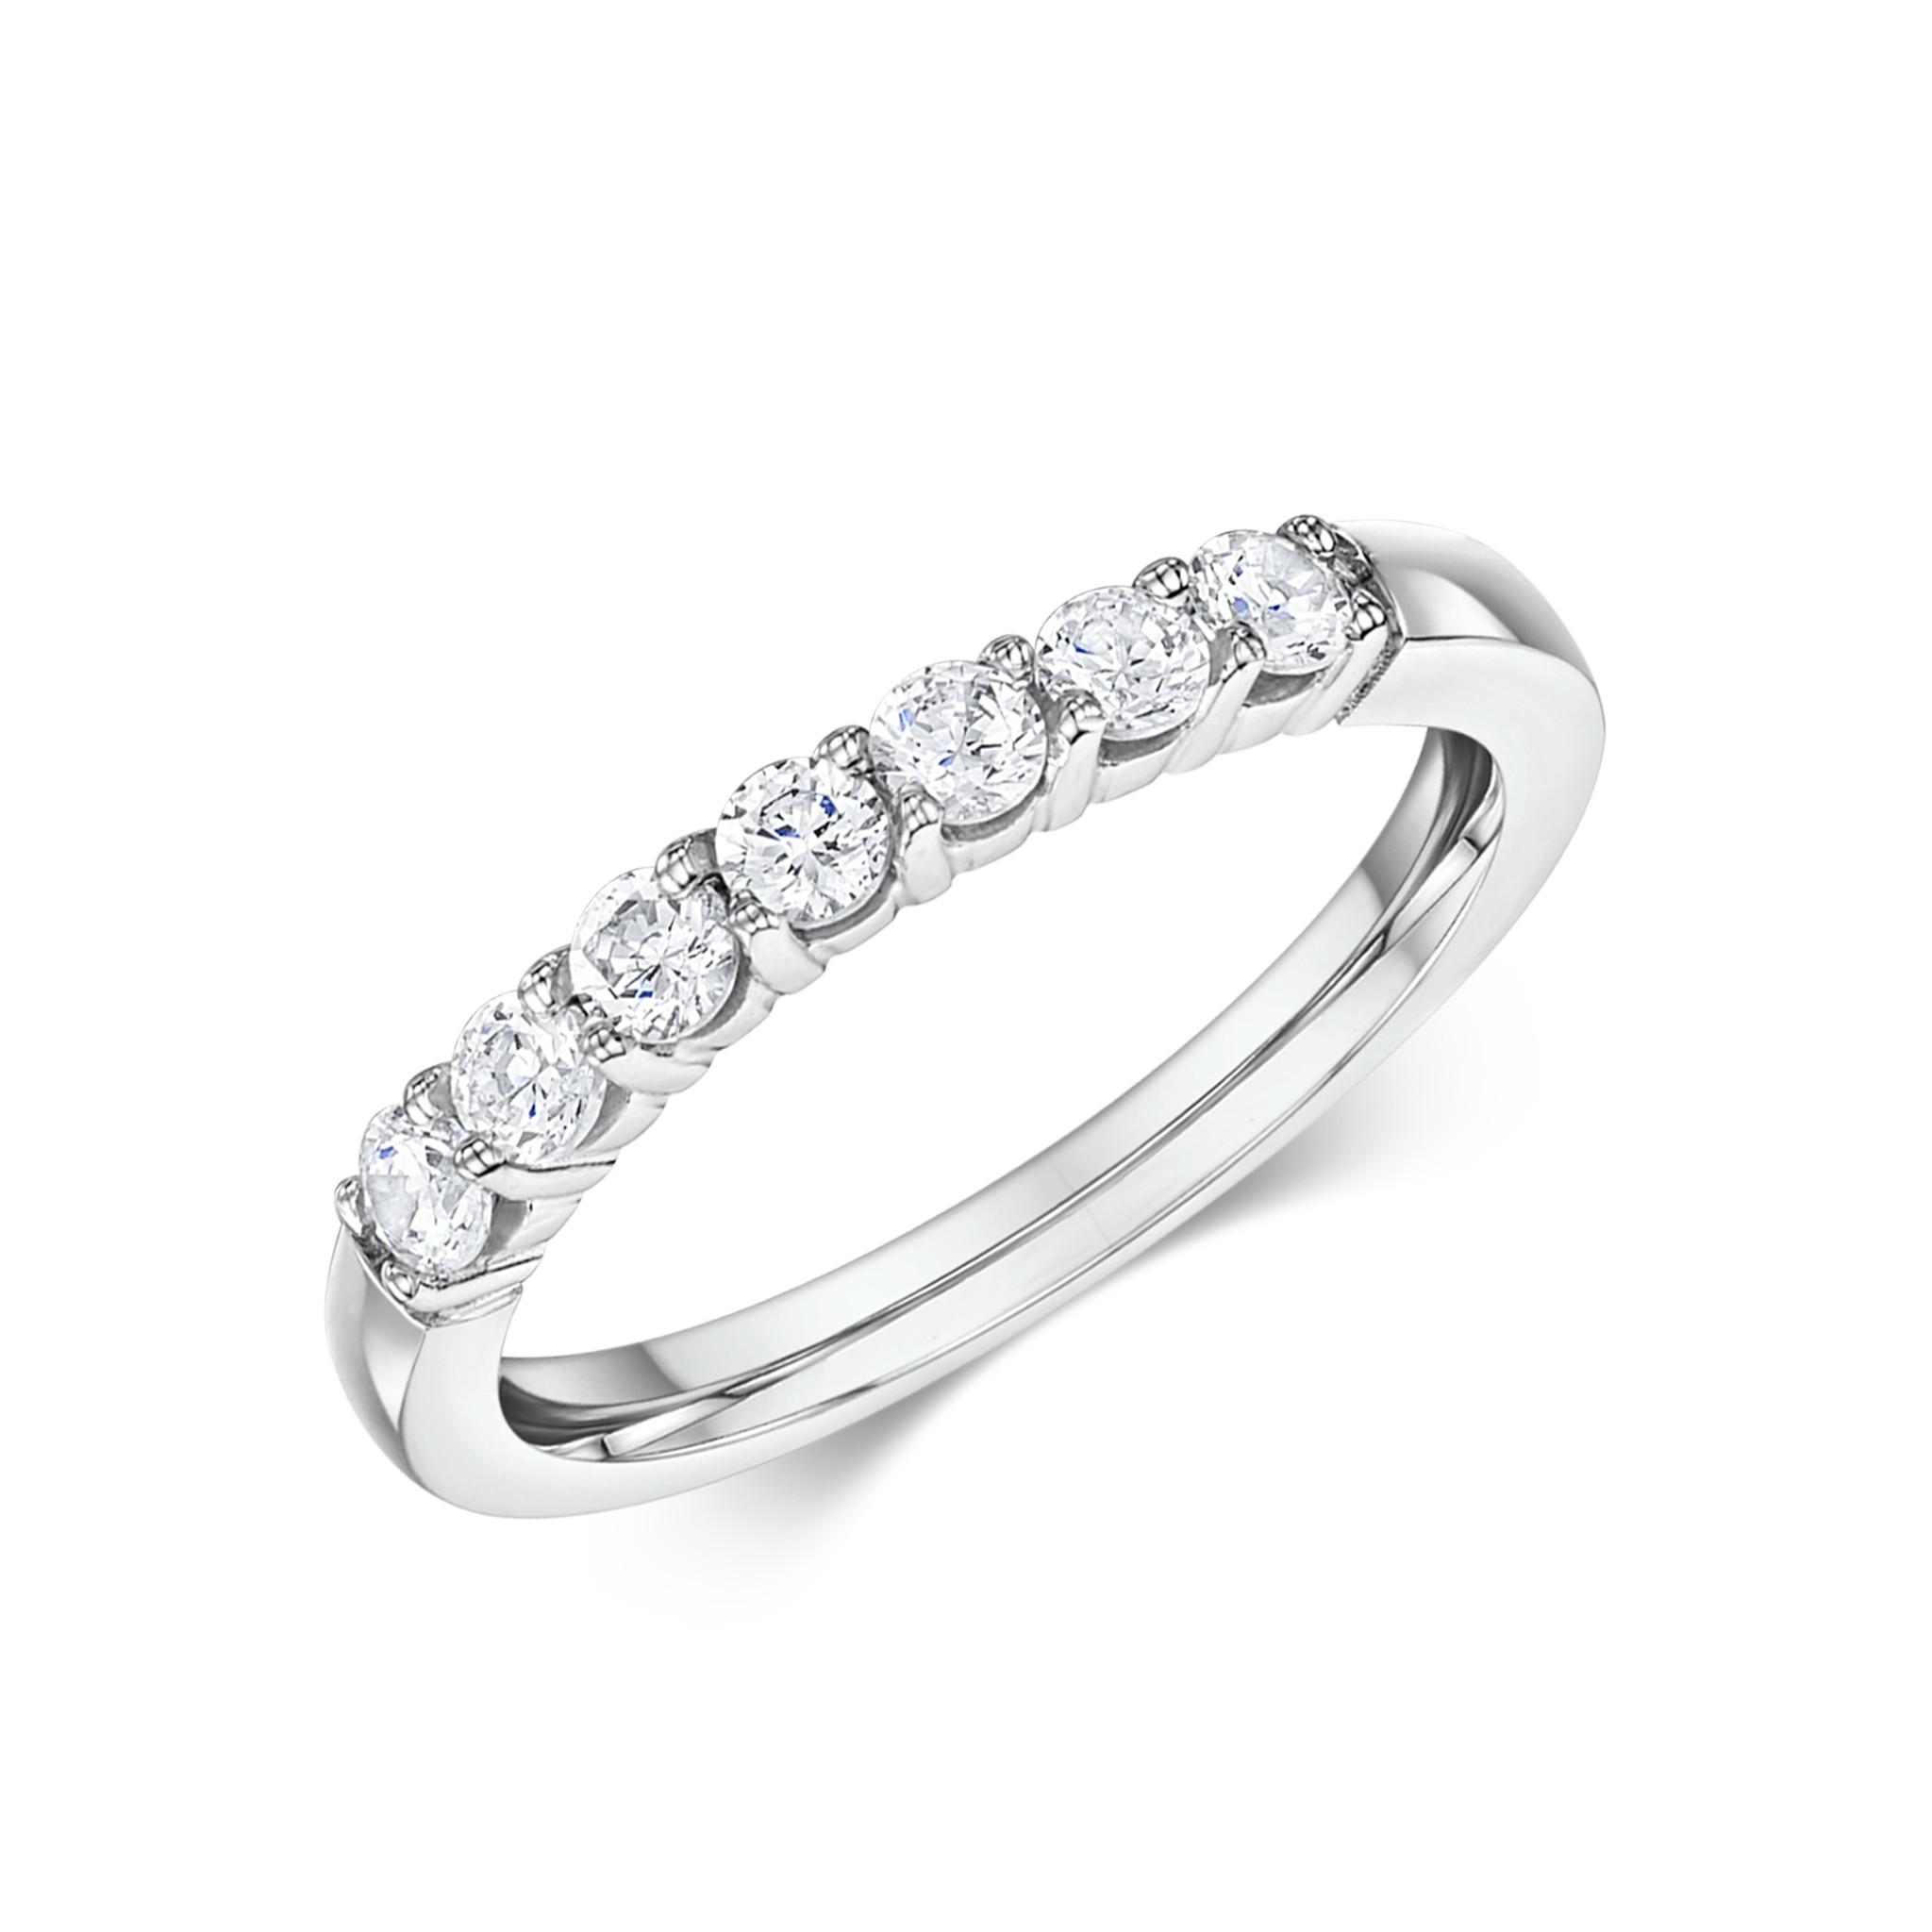 μισοβερο δαχτυλιδι με μπριγιαν e0336bddf1a